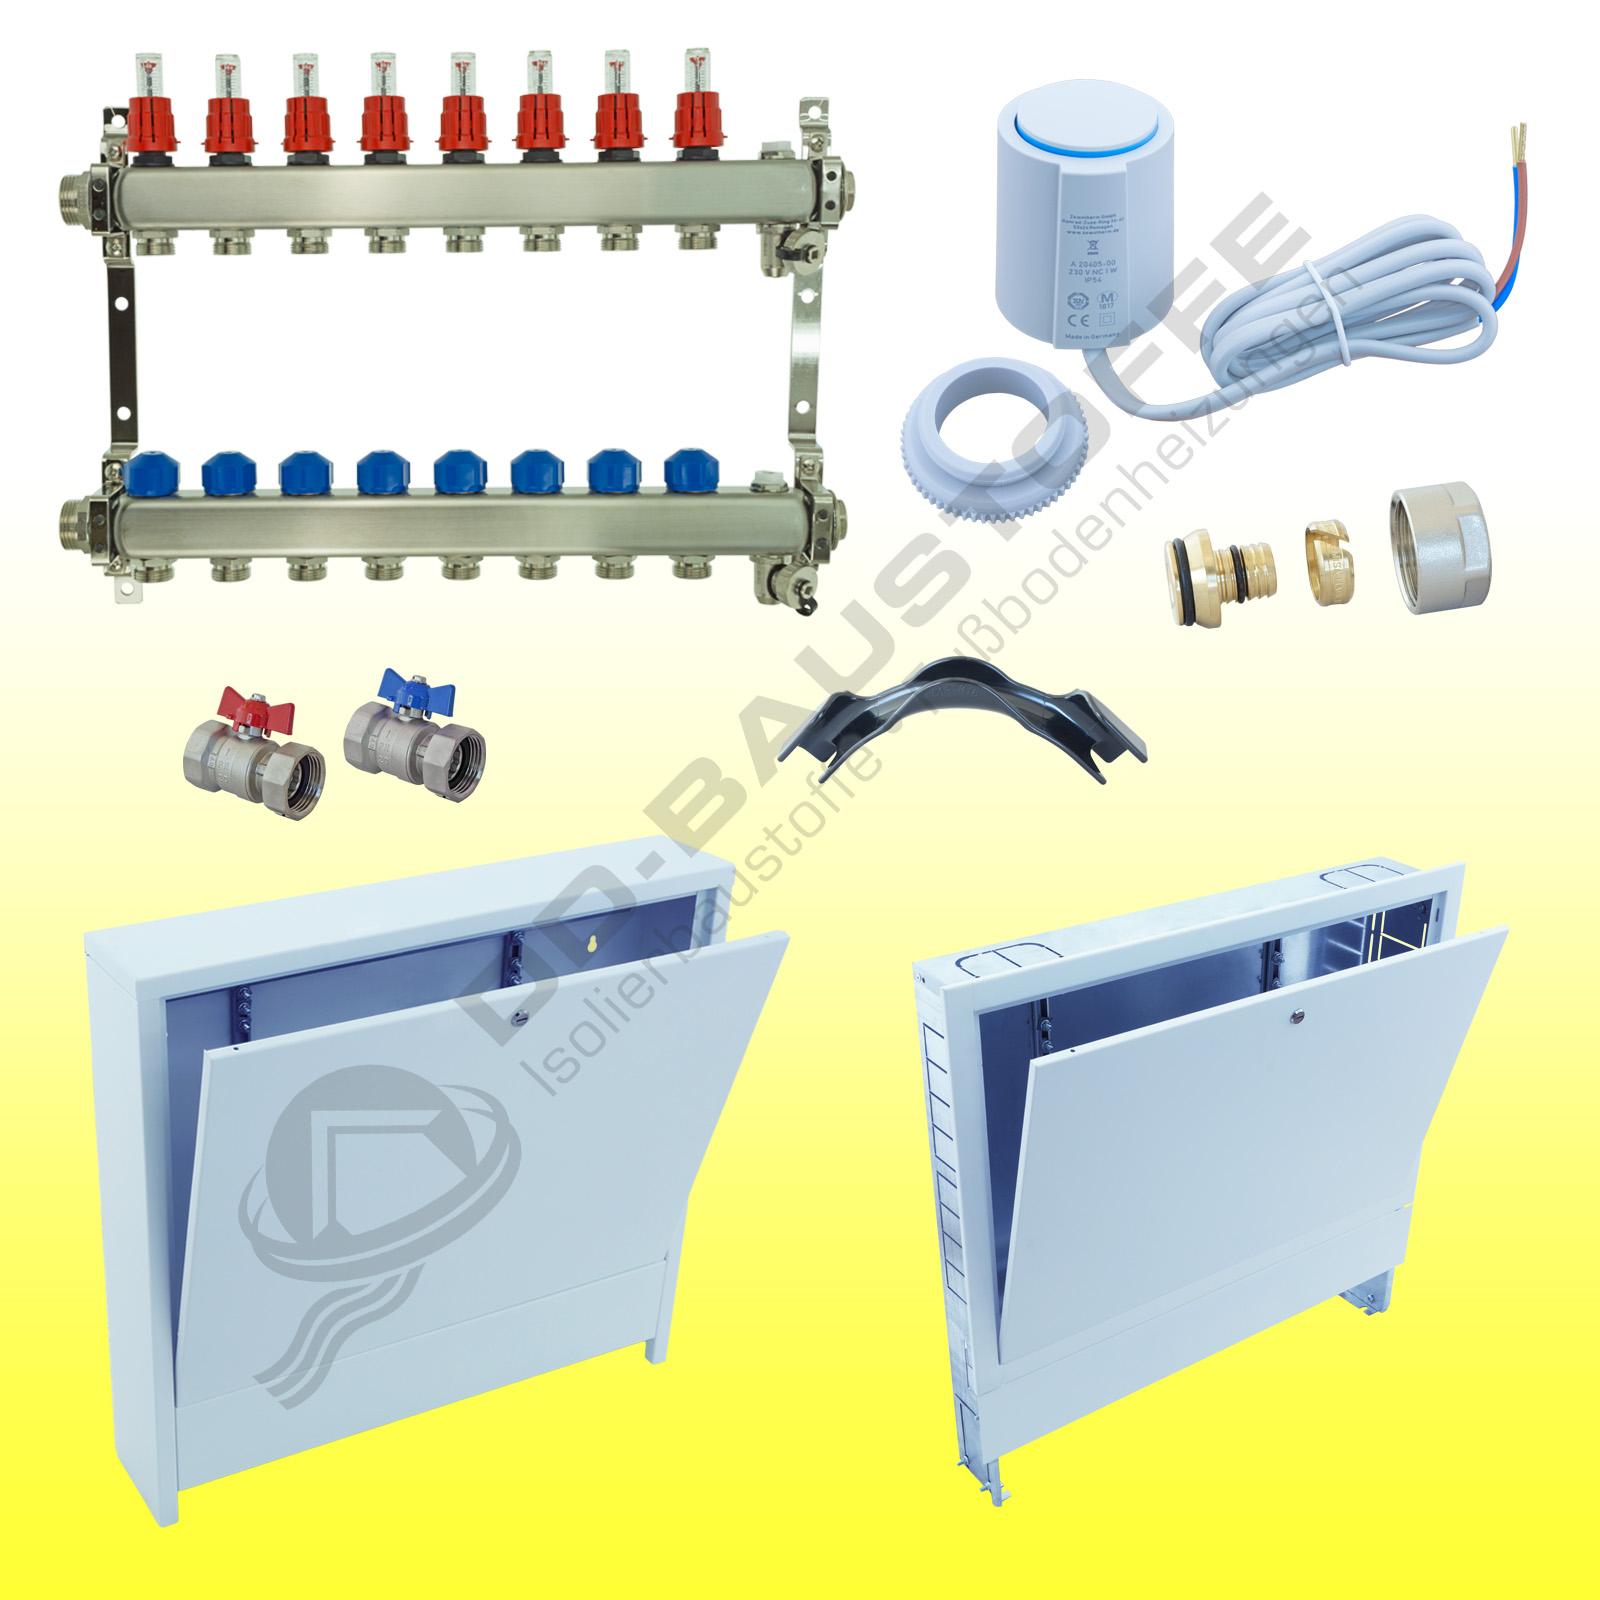 Häufig ratiodämm Verteiler-Set für Fußbodenheizung | DD-Baustoffe XC78